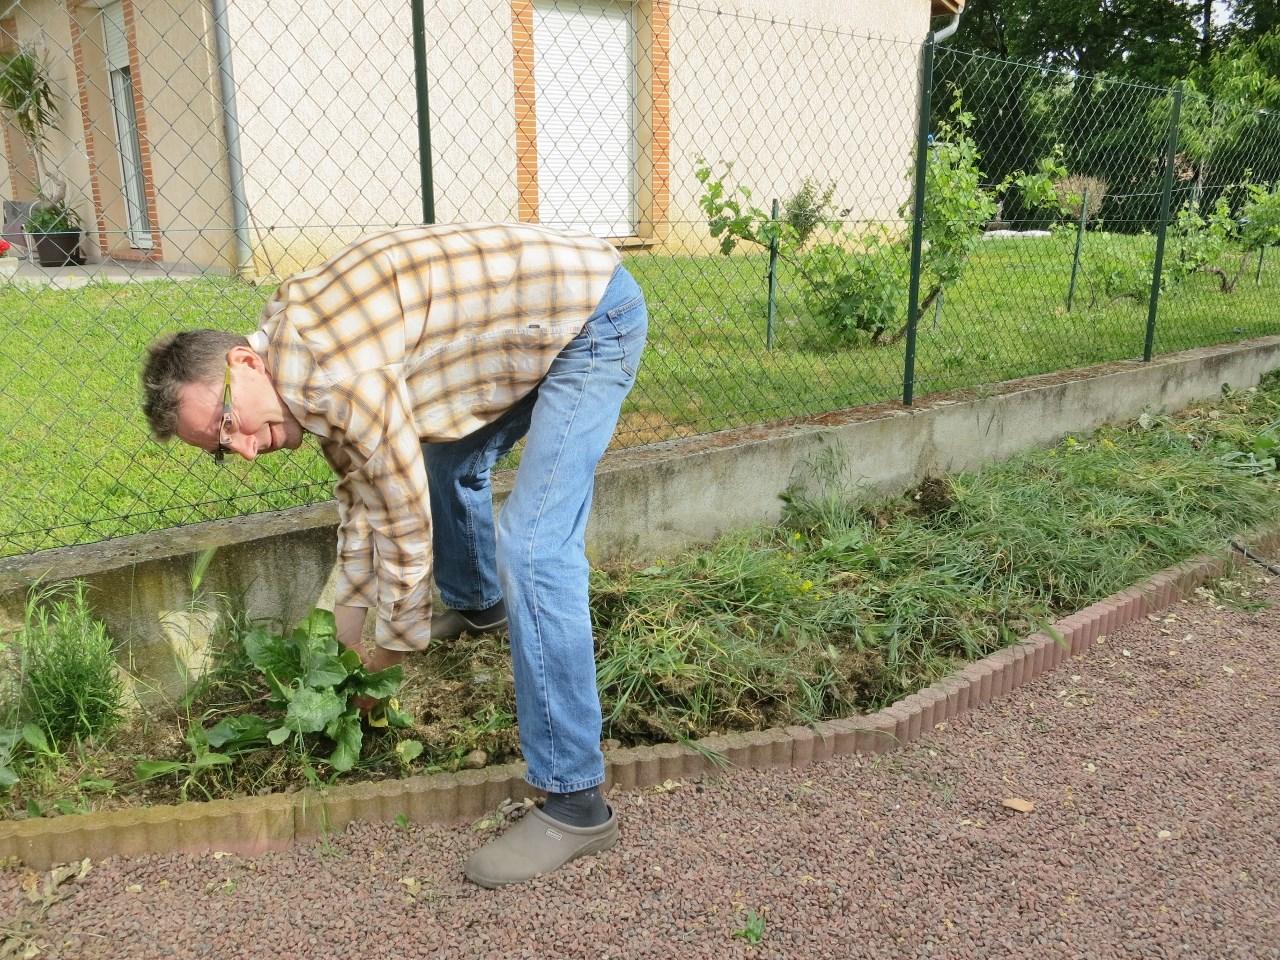 Comment Faire Pousser Des Tomates Dans Une Terre Pauvre Argileuse